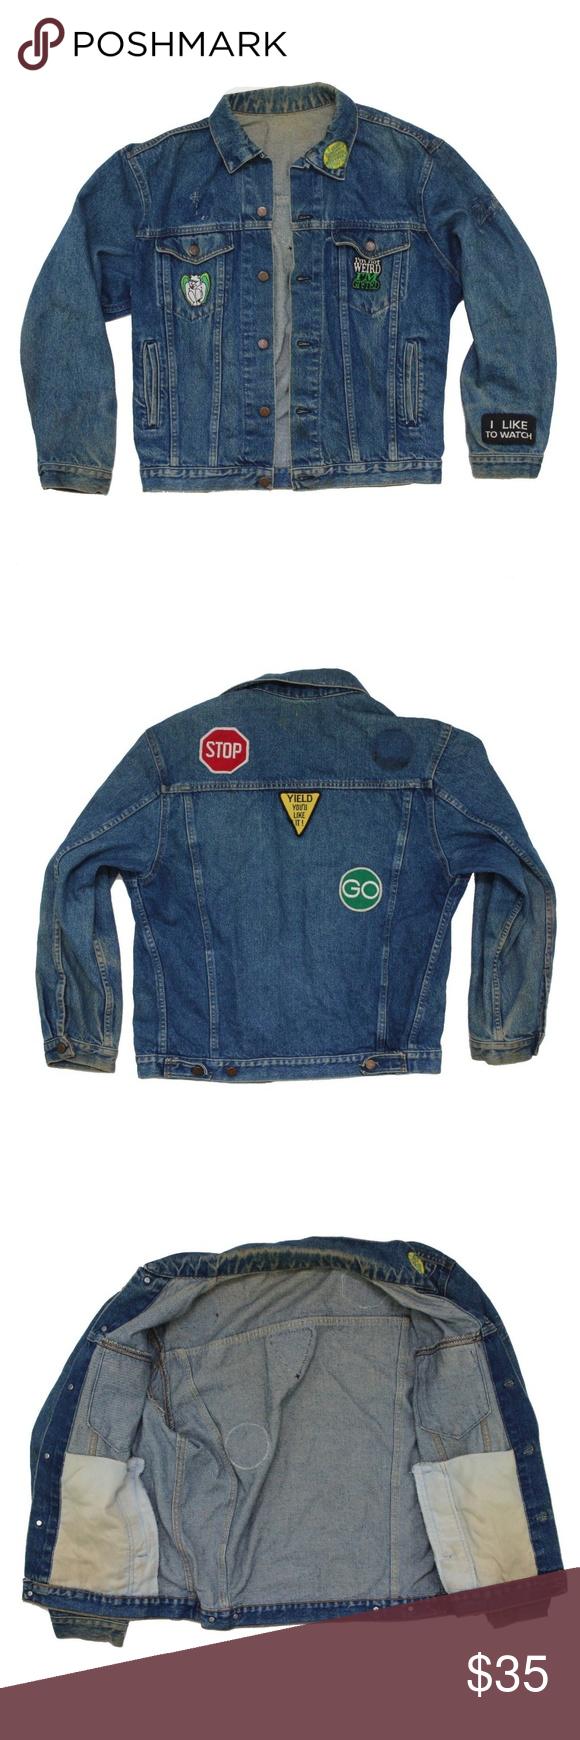 Vintage 1980s Biker Patch Faded Denim Jacket Vintage 1980s